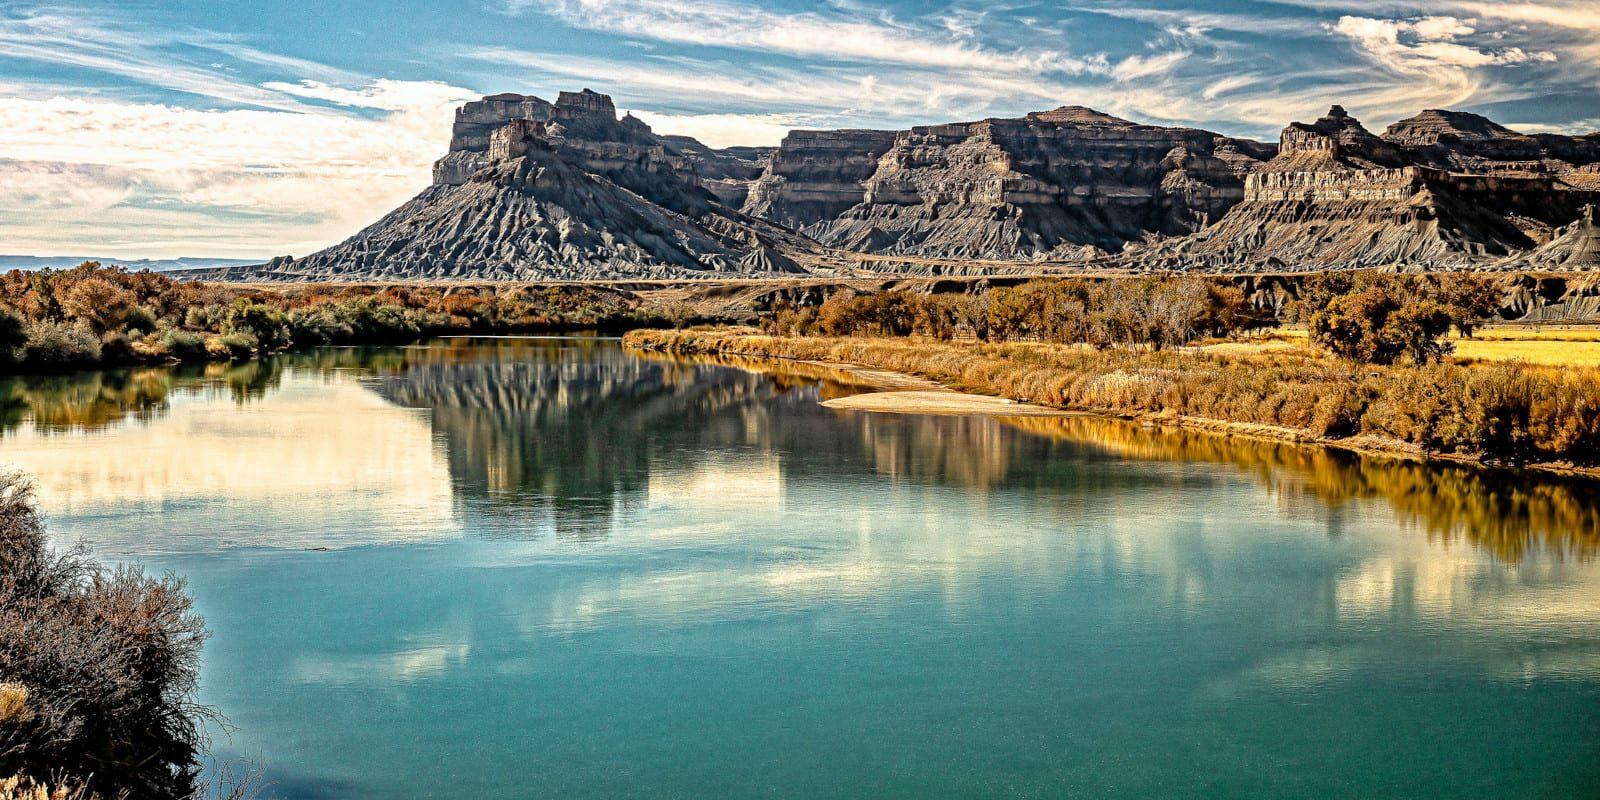 Image of the Green River near Battleship Butte, Utah